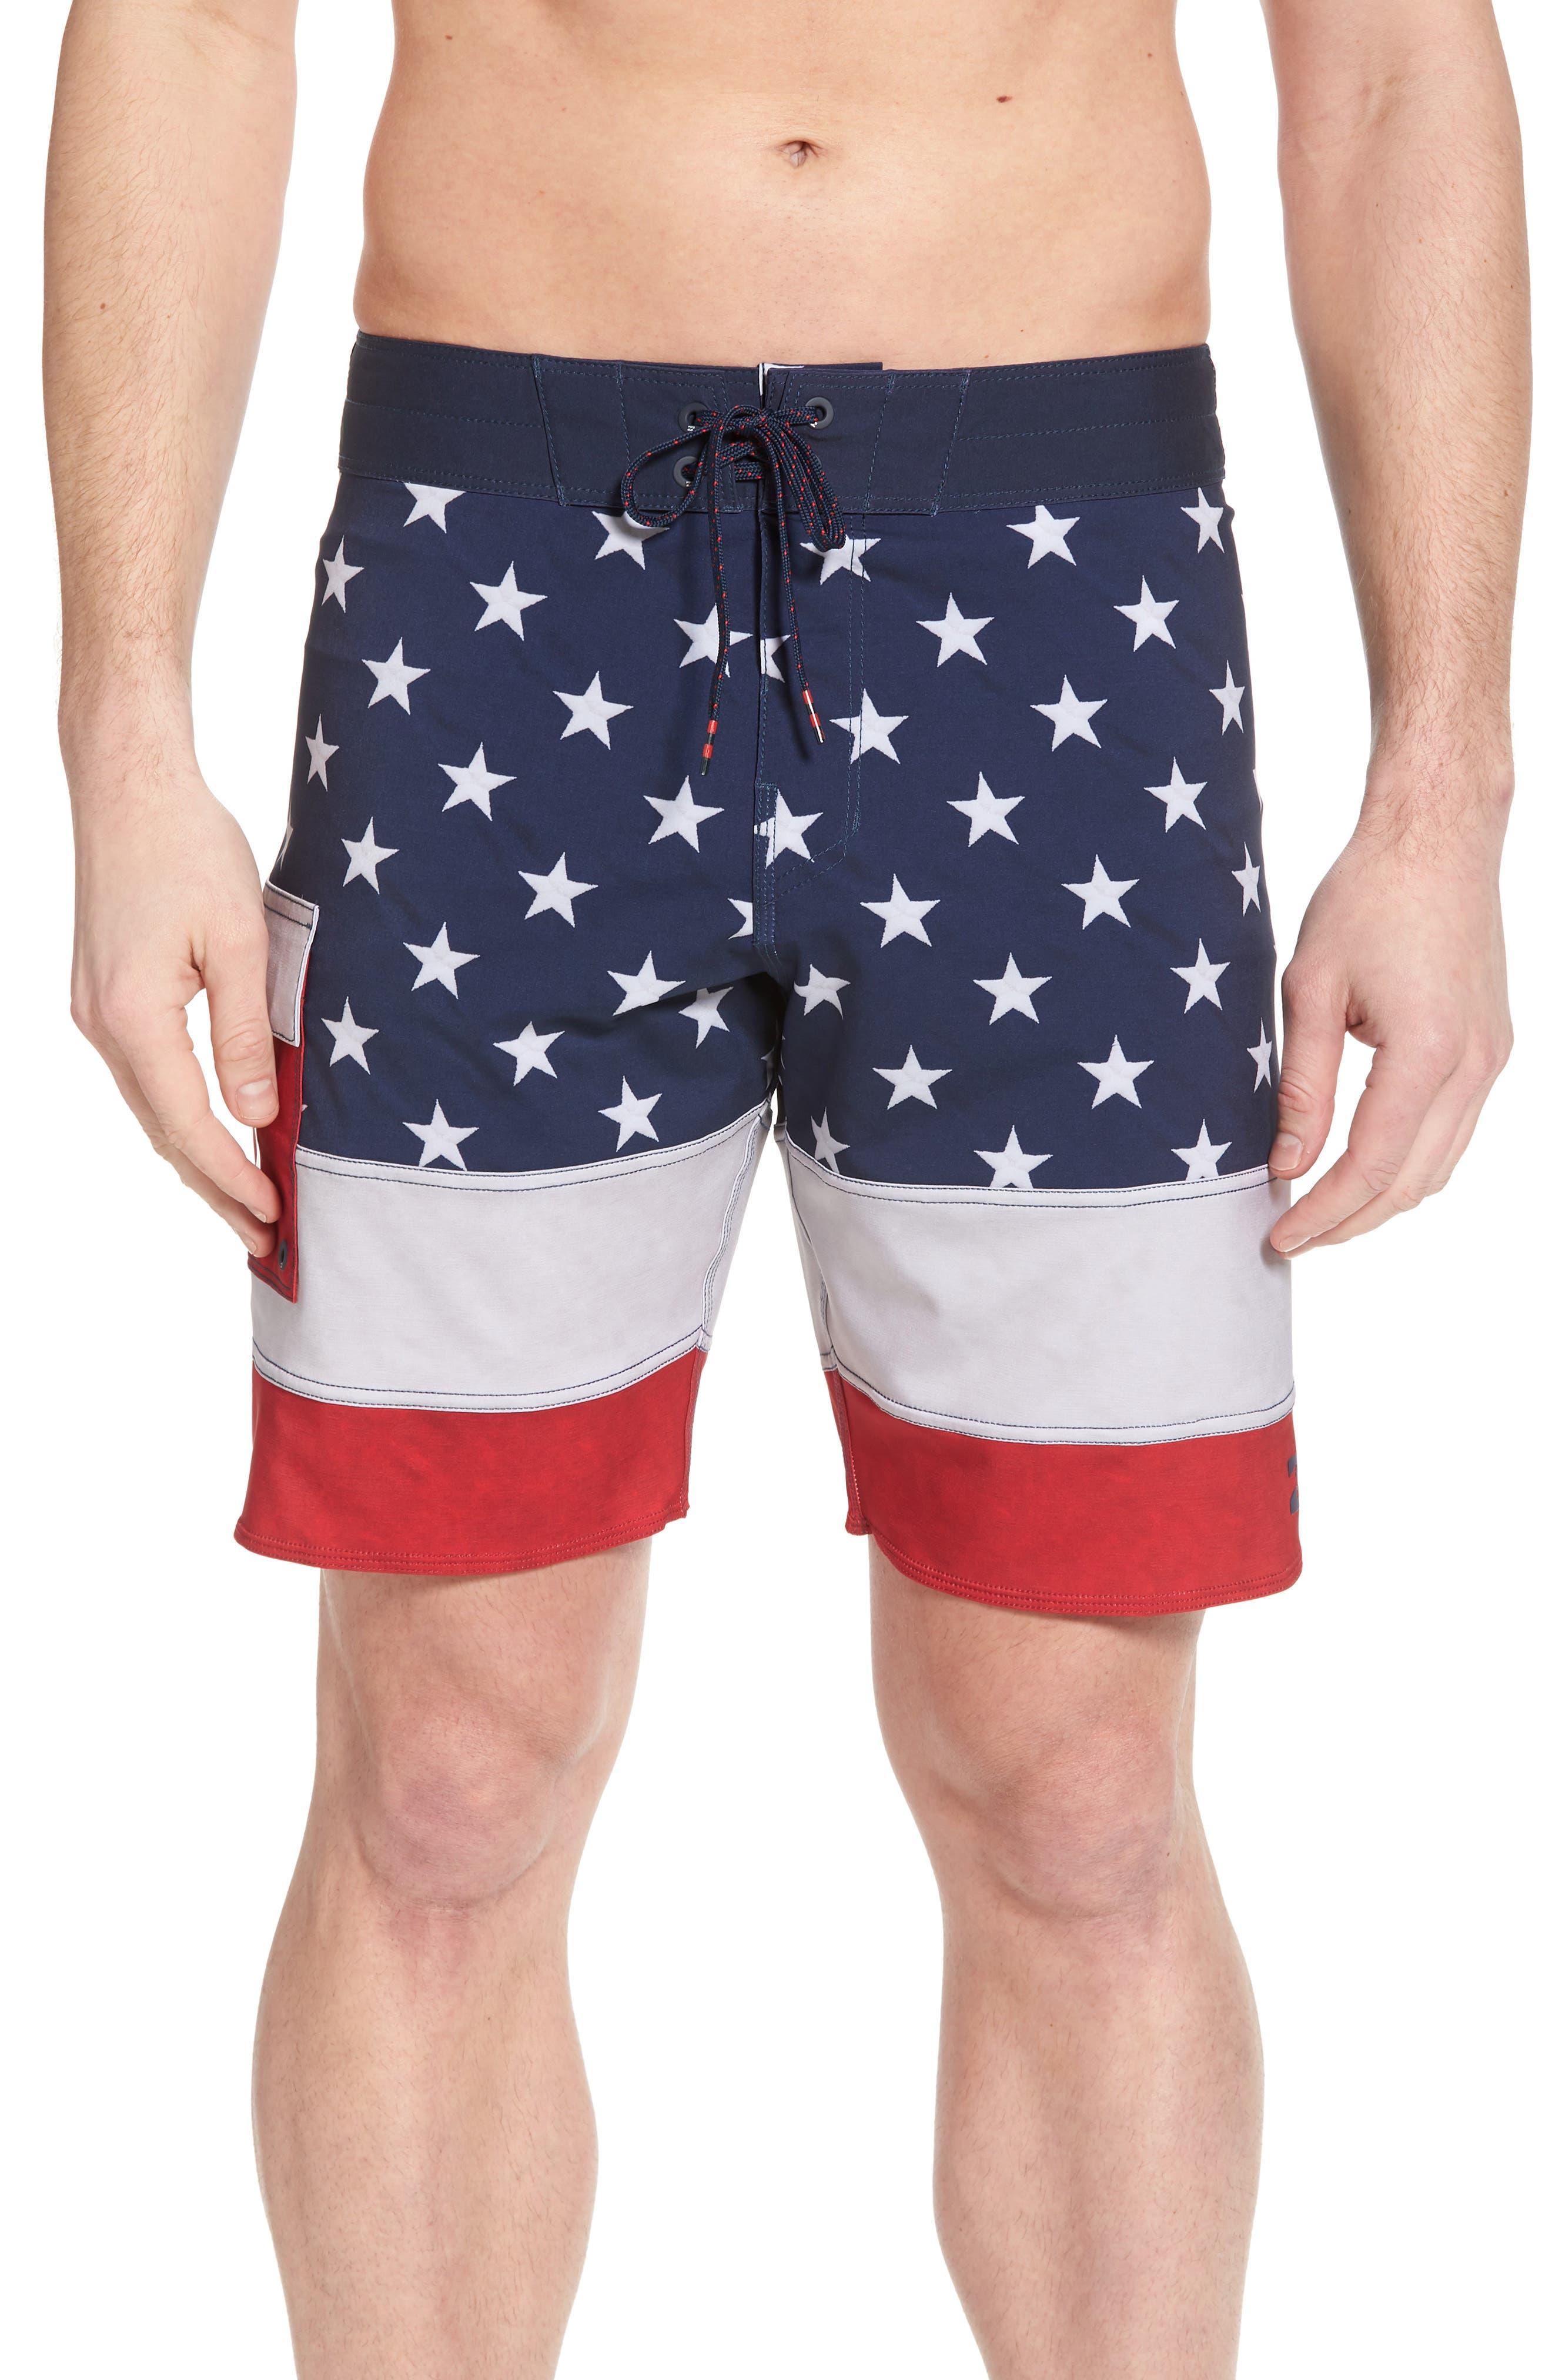 Pump X Board Shorts,                         Main,                         color, Navy